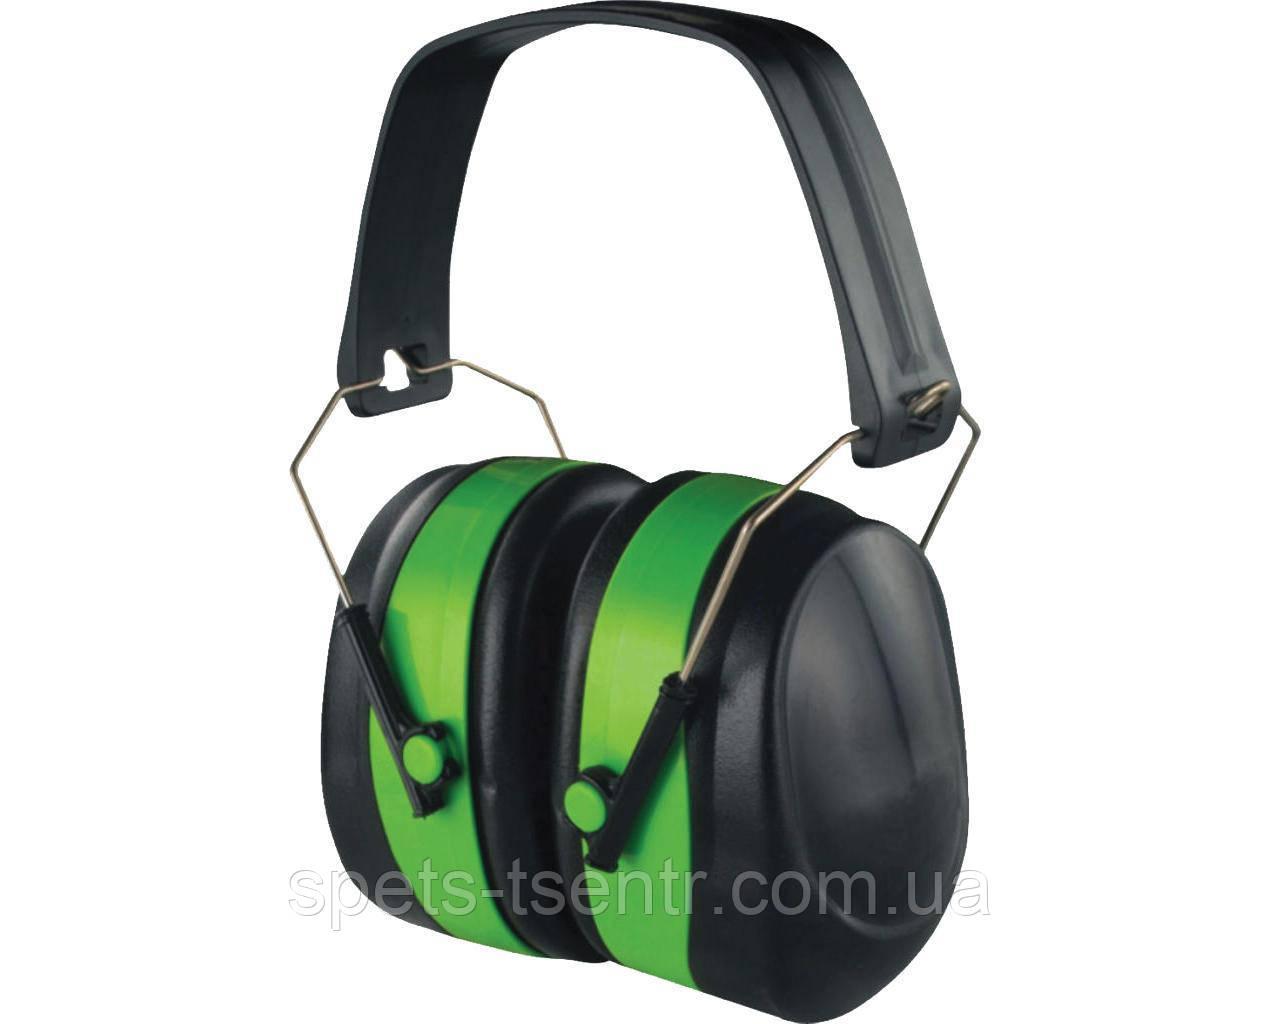 Наушники с шумоподавлением SNR 32 dB складные усиленный мягкий наголовник